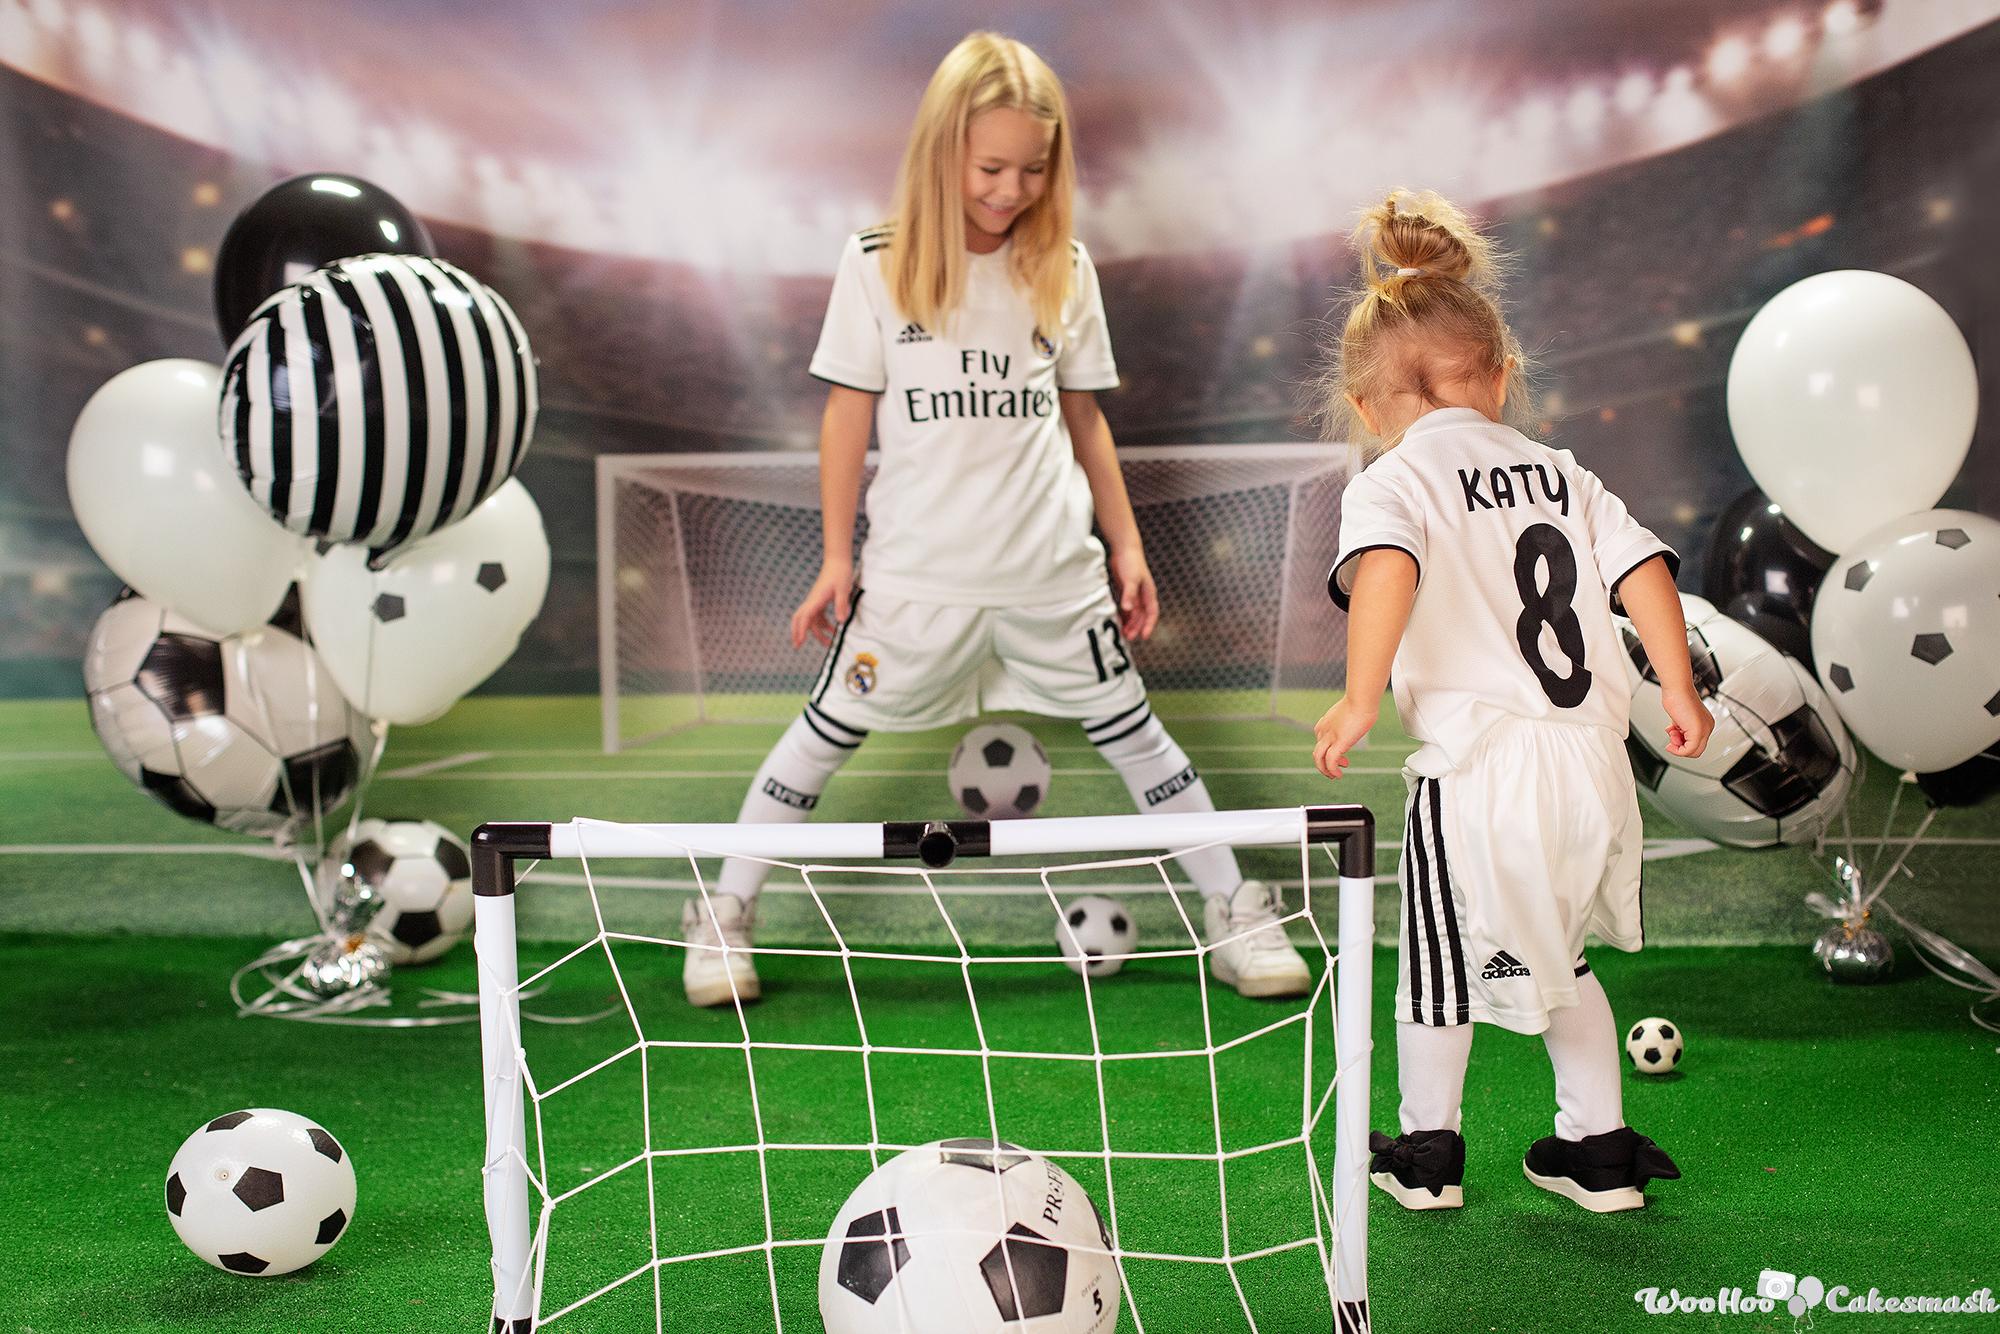 woohoo_cakesmash_Katya_football_girl_1